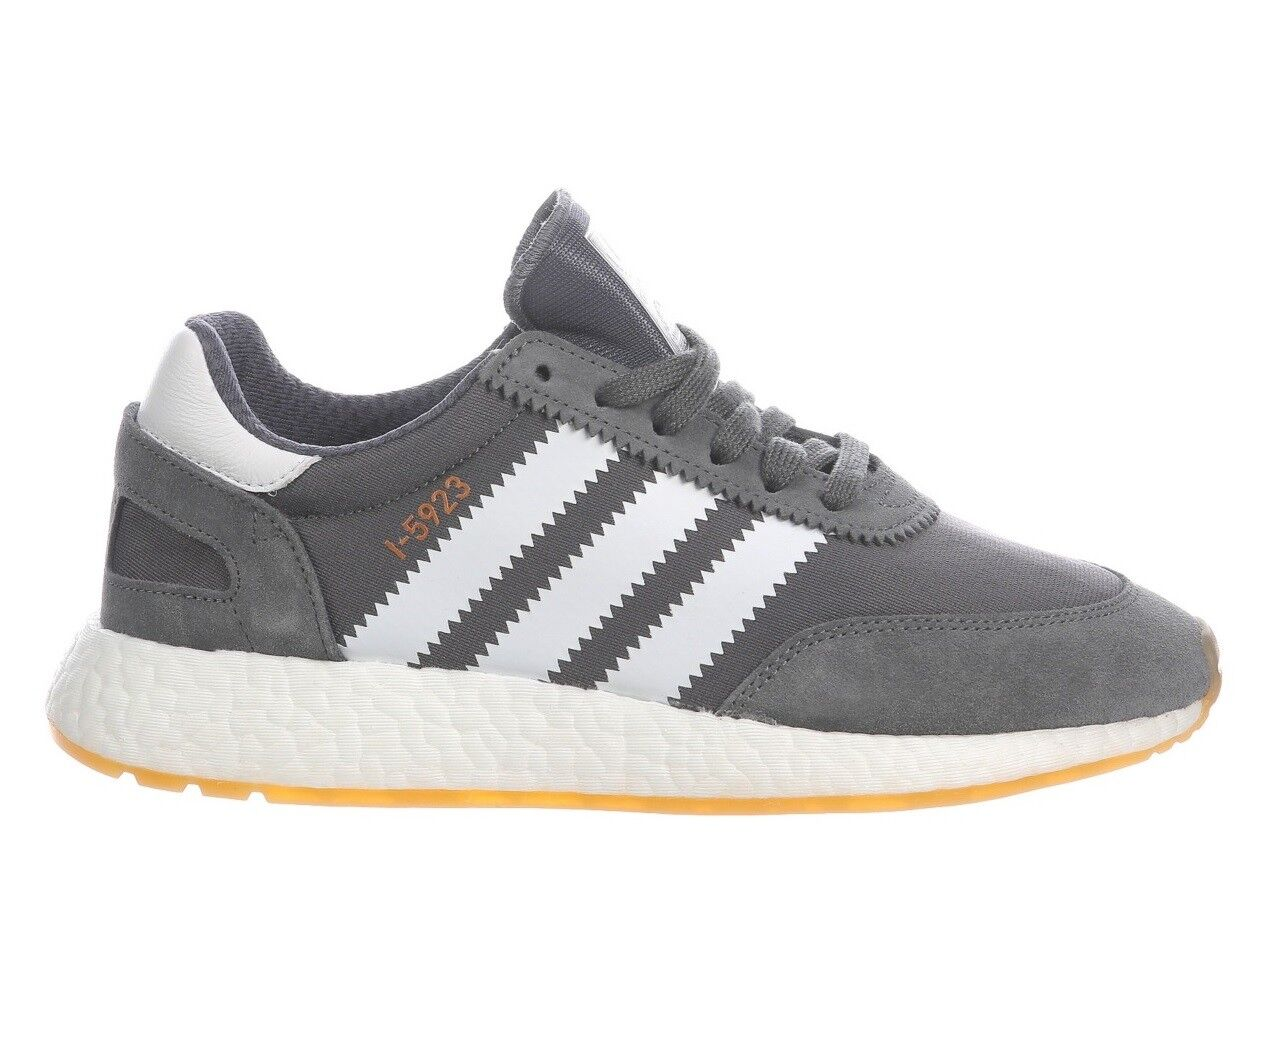 Adidas i-5923 donne bb6865 grigio bianco numero delle scarpe da corsa numero bianco 7 nabuk gomma 19ed3b